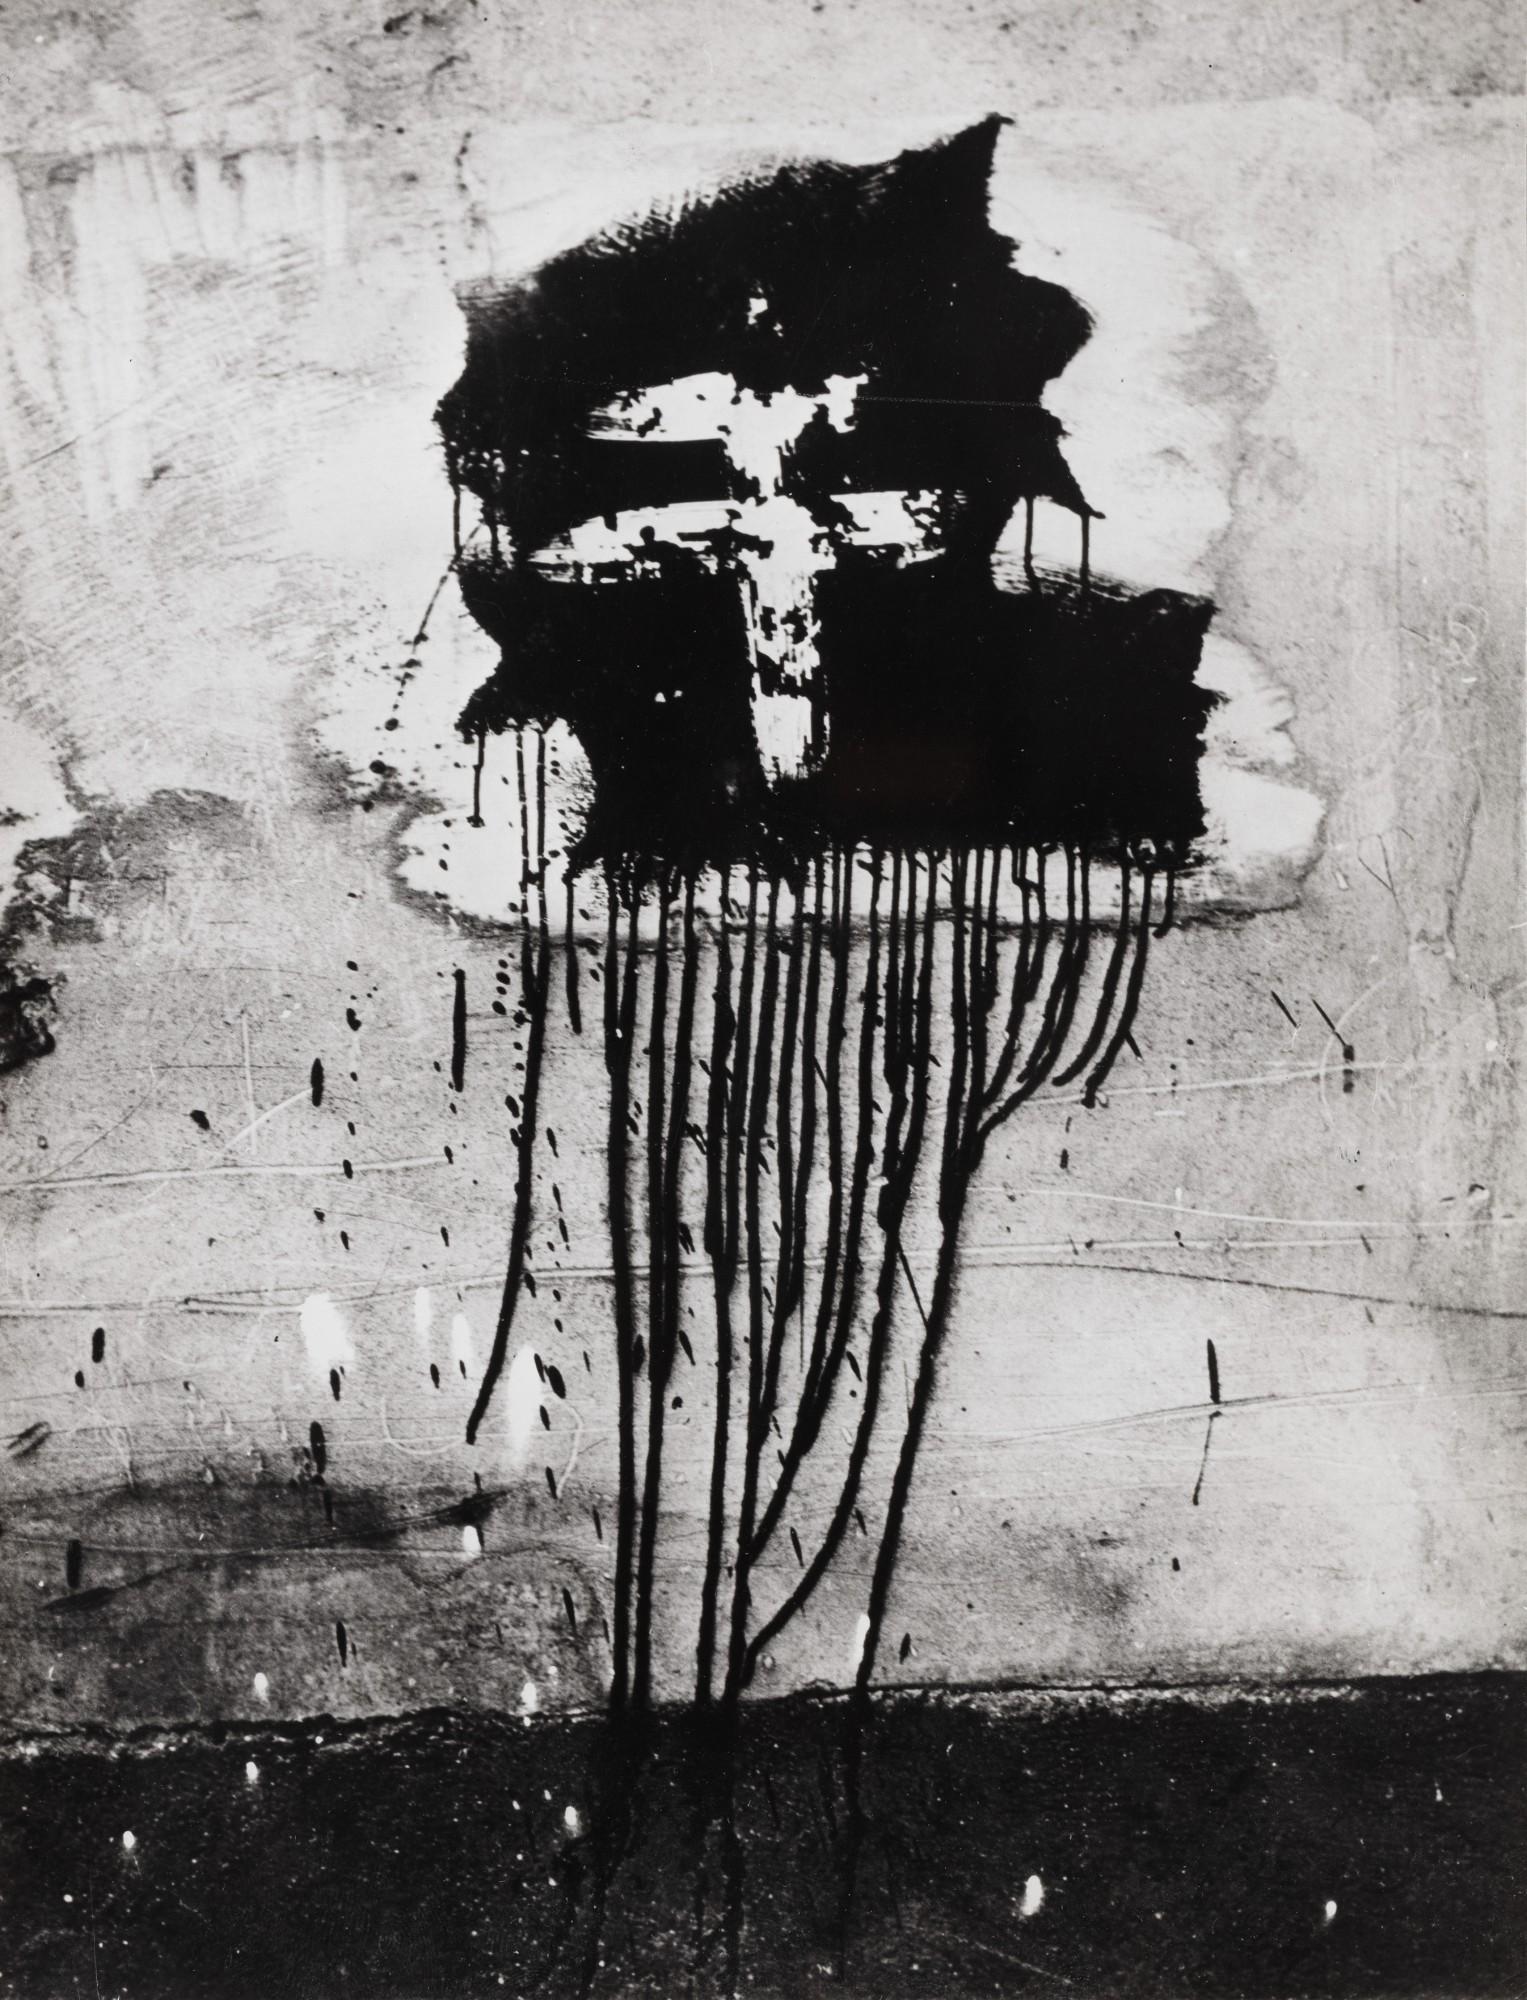 Brassaï   Graffiti - Croix de Lorraine (Series II), 1945